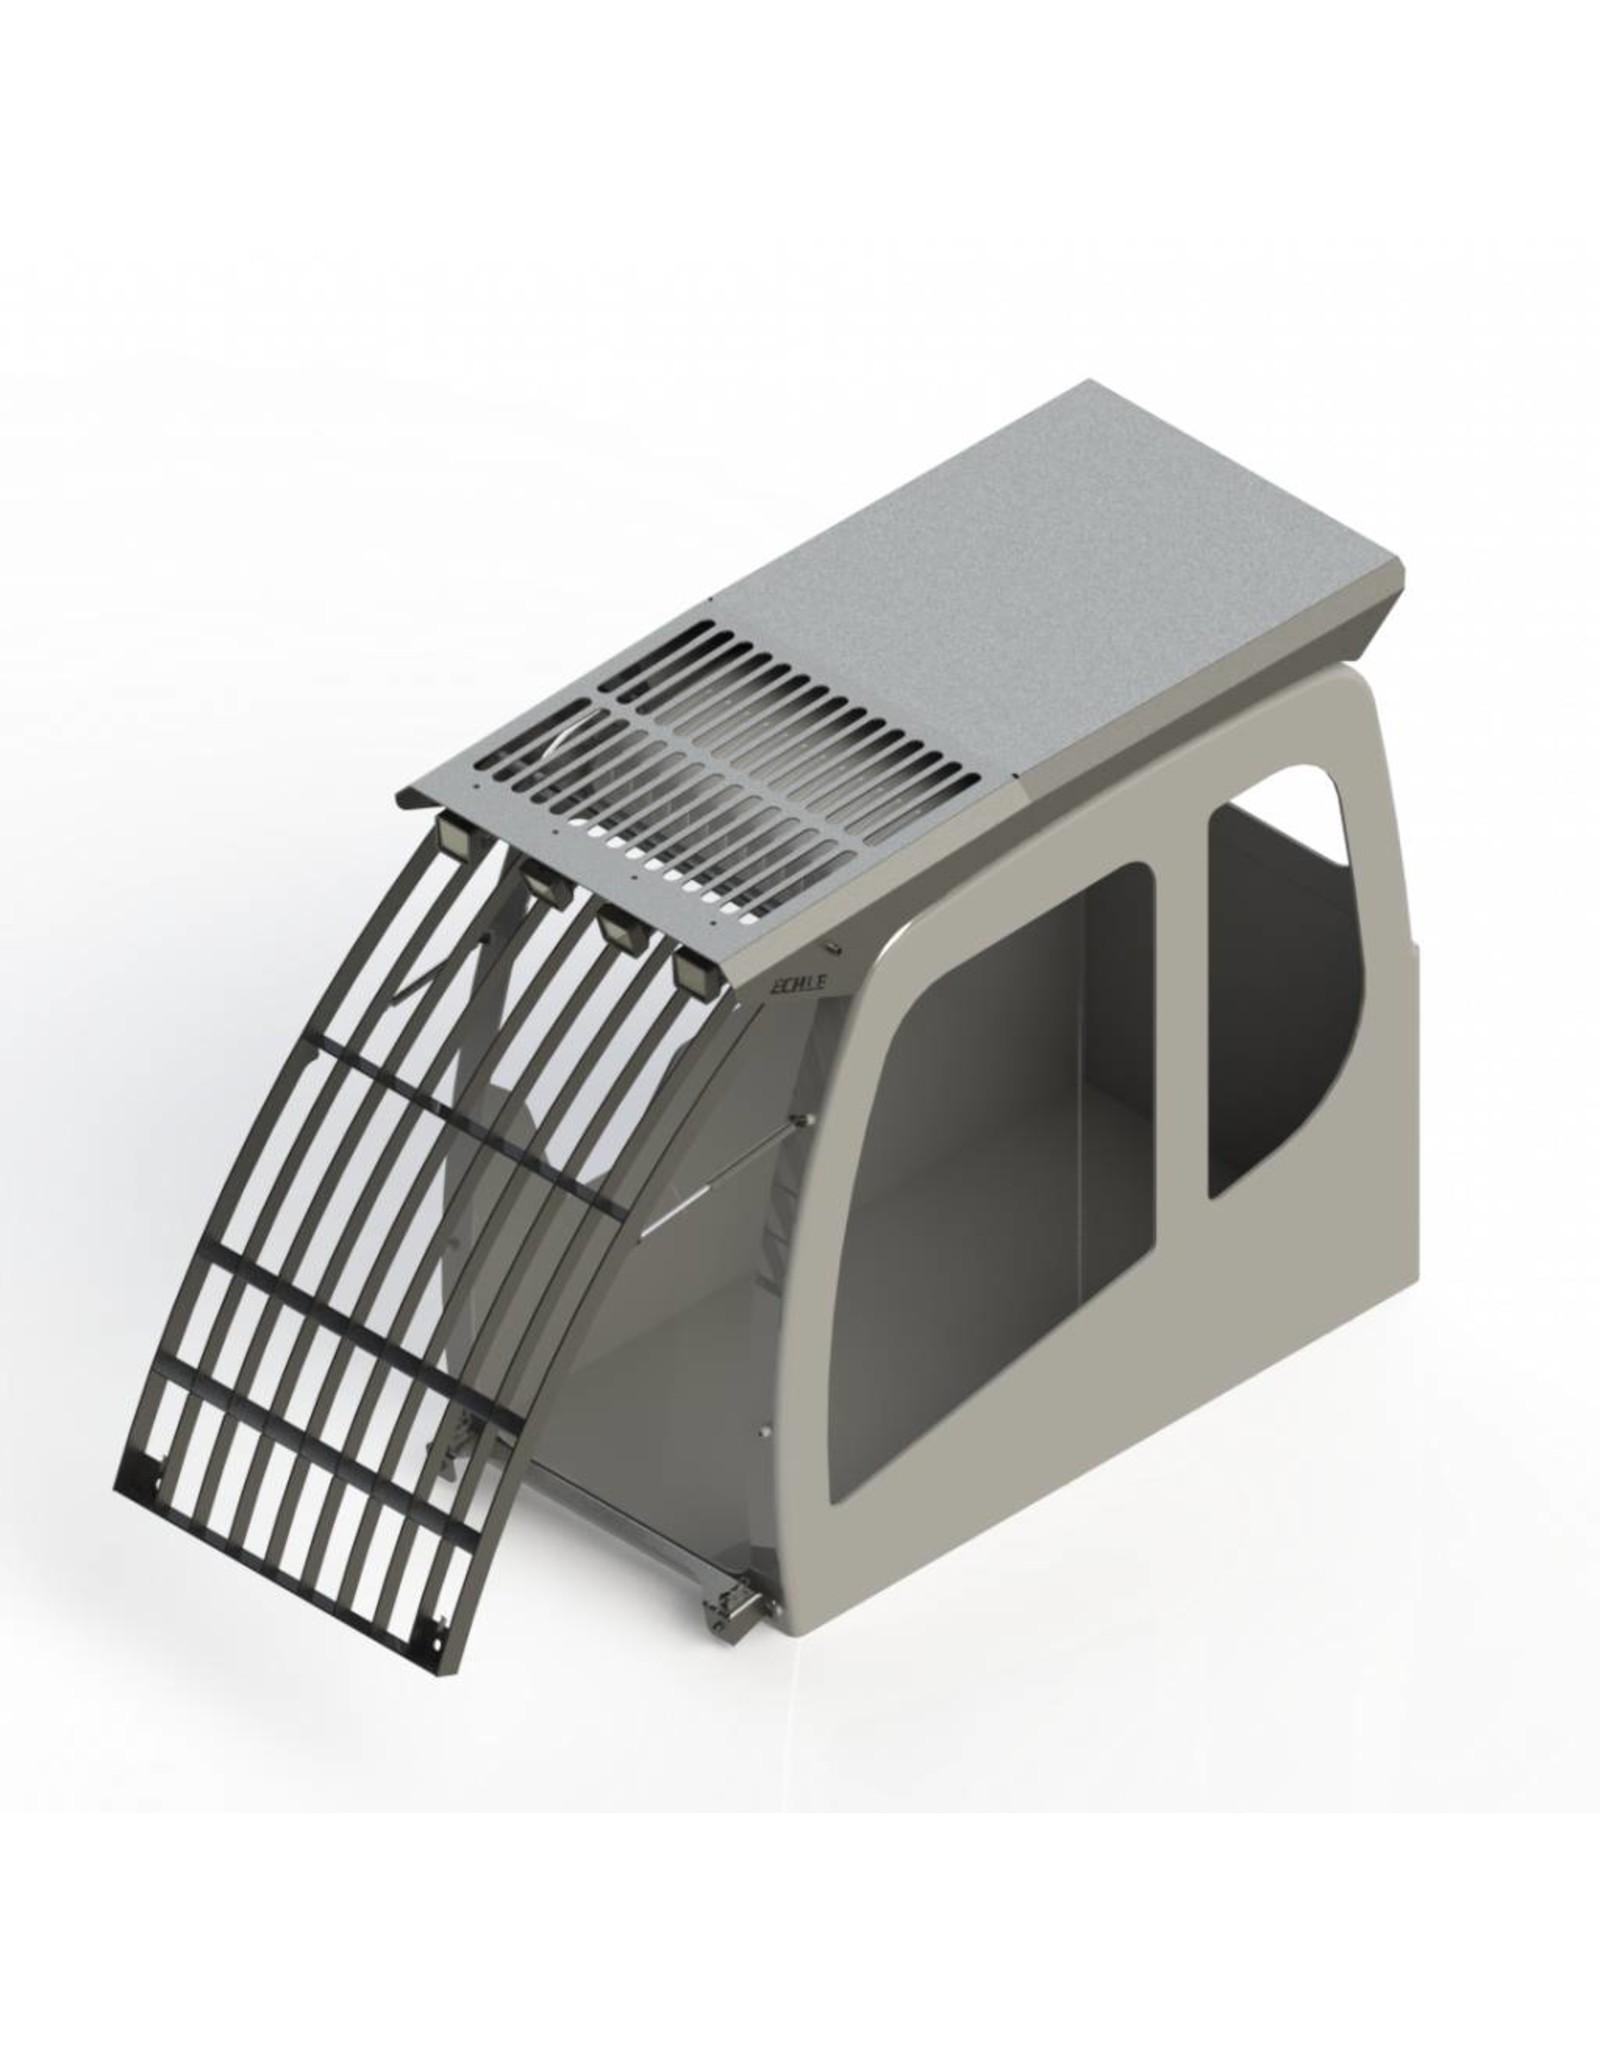 Echle Hartstahl GmbH FOPS pour Liebherr A 920